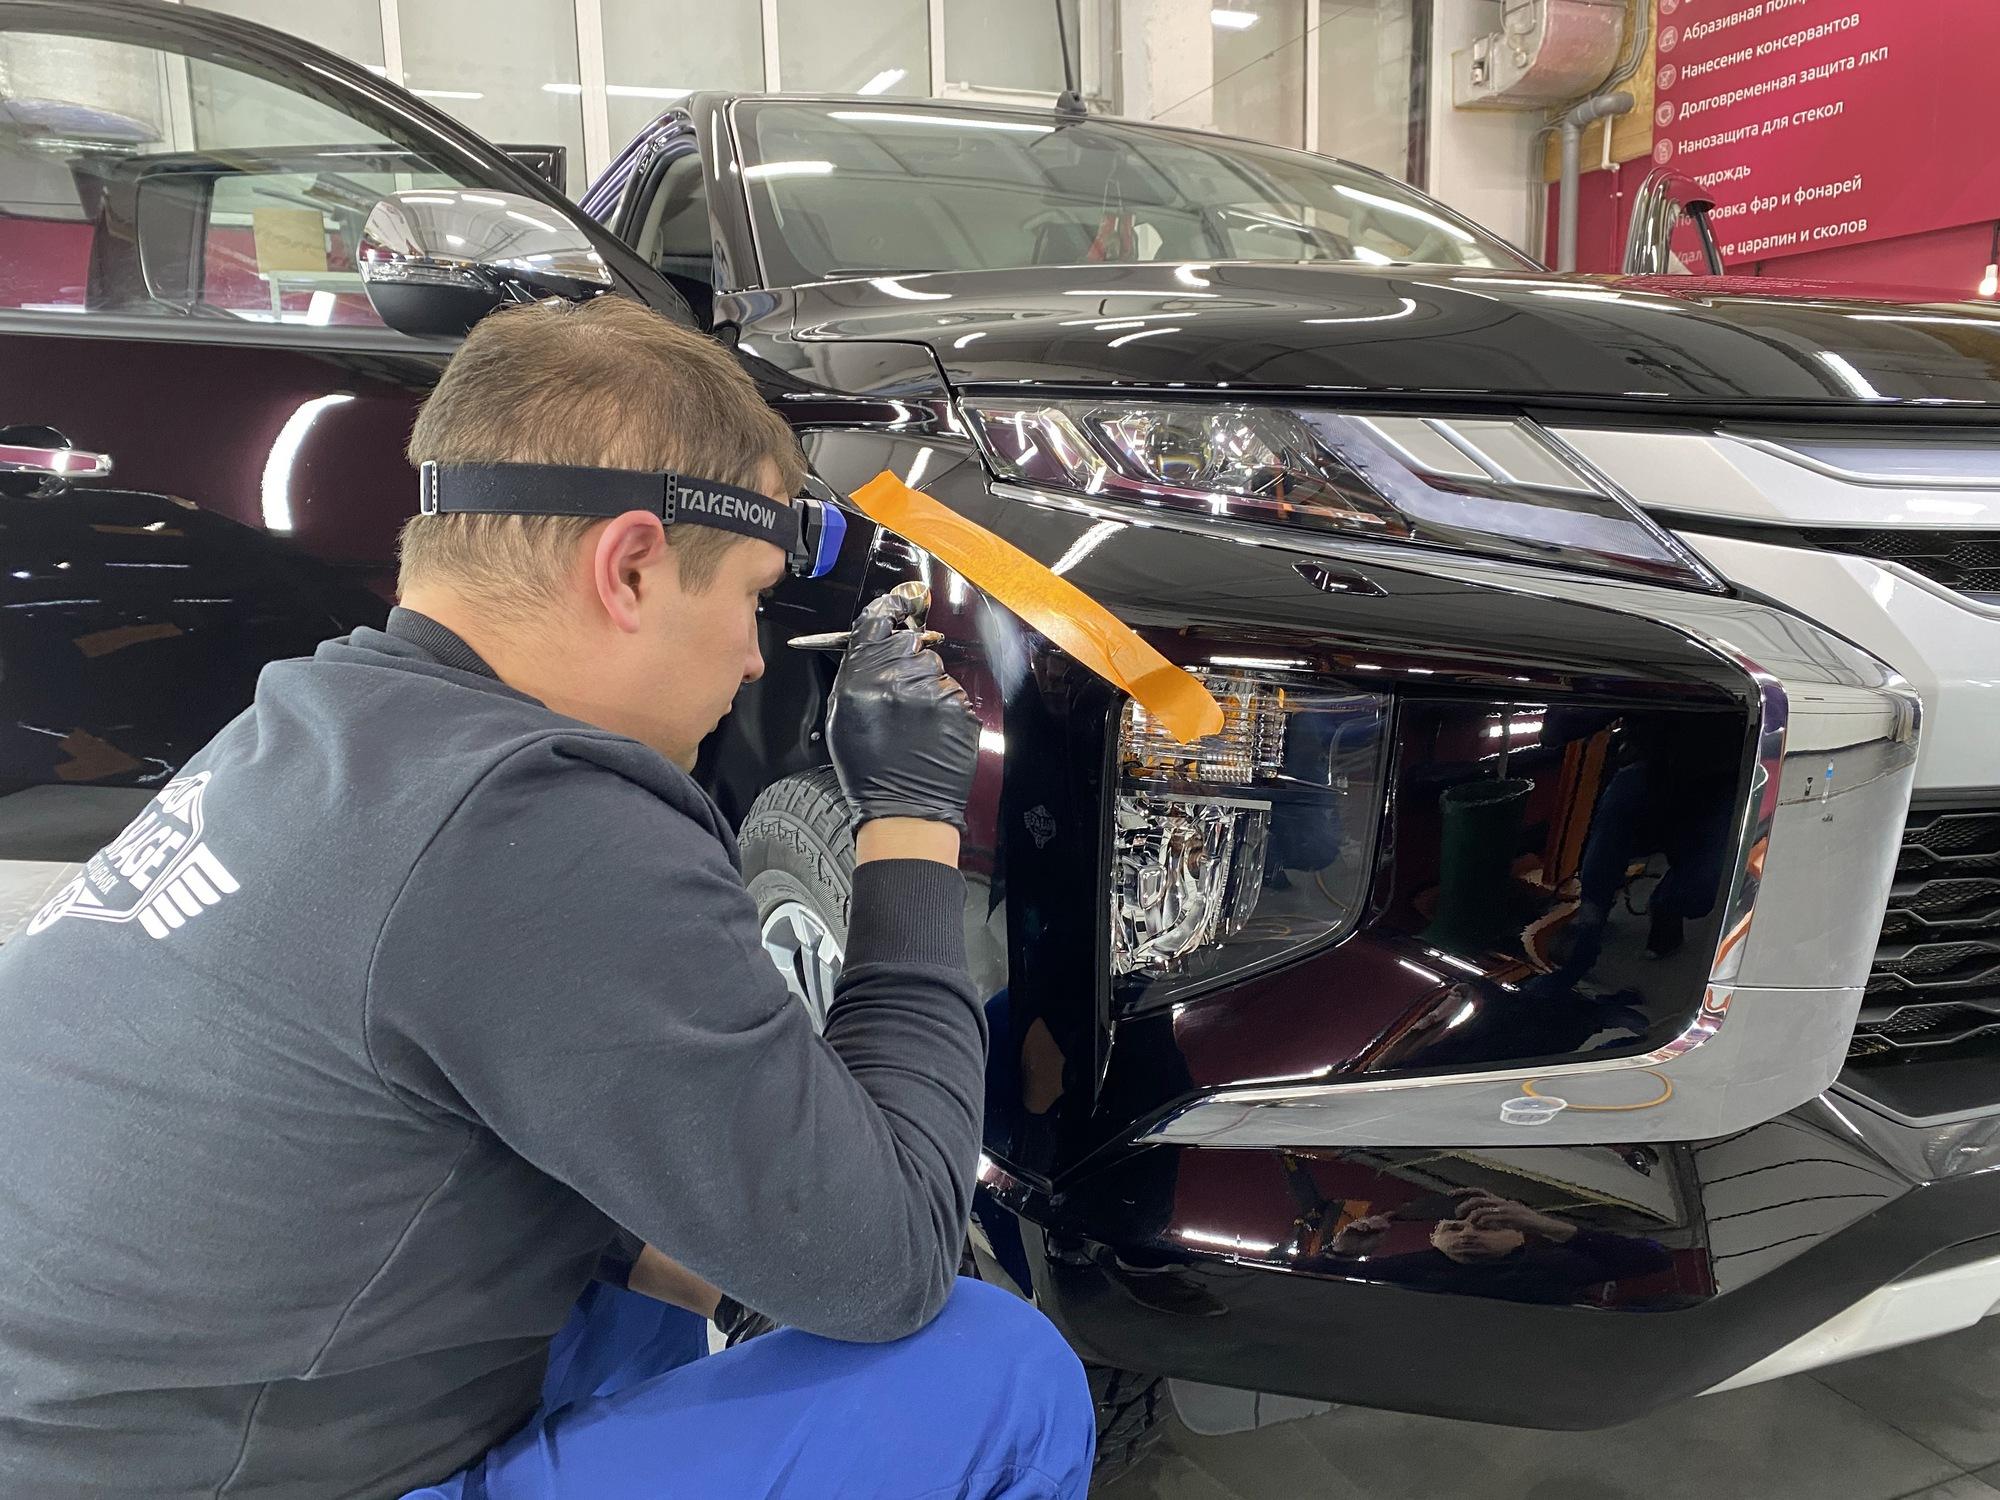 Смотреть на фото работу с аэрографом – выполняется ремонт повреждения на лкп автомобиля.